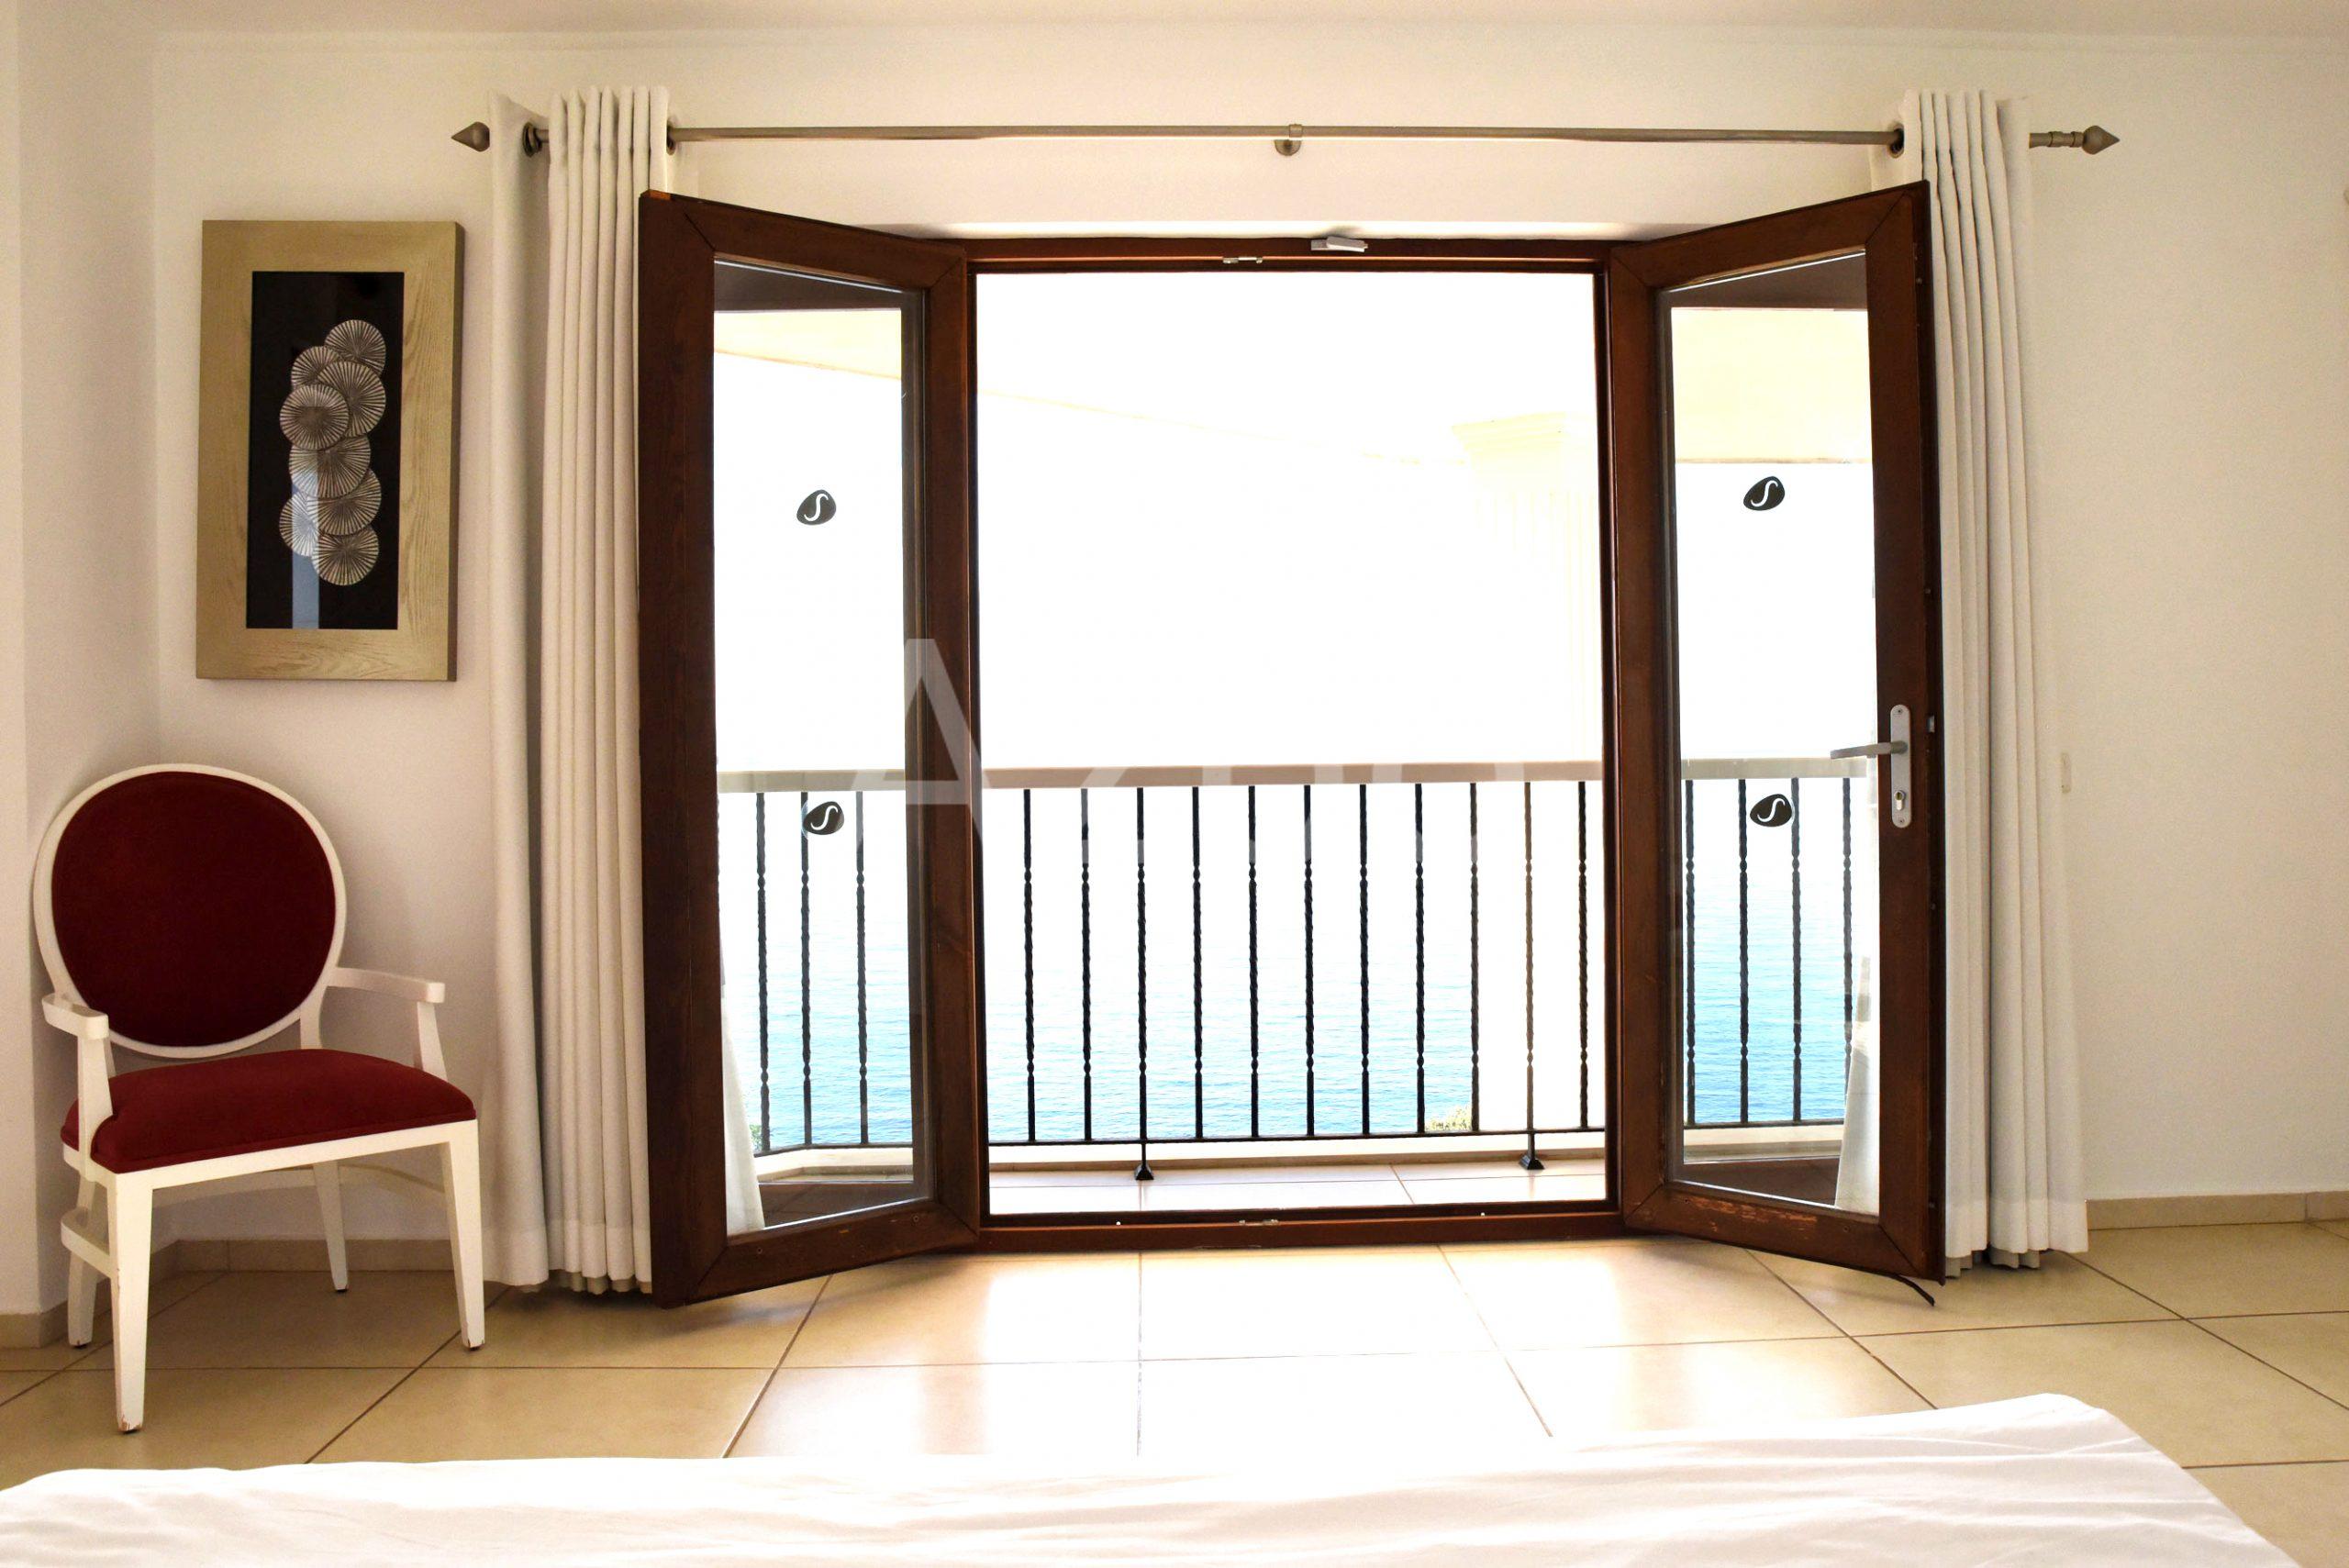 Эксклюзивные виллы 5+1 с видом на море в Калкане - Фото 25